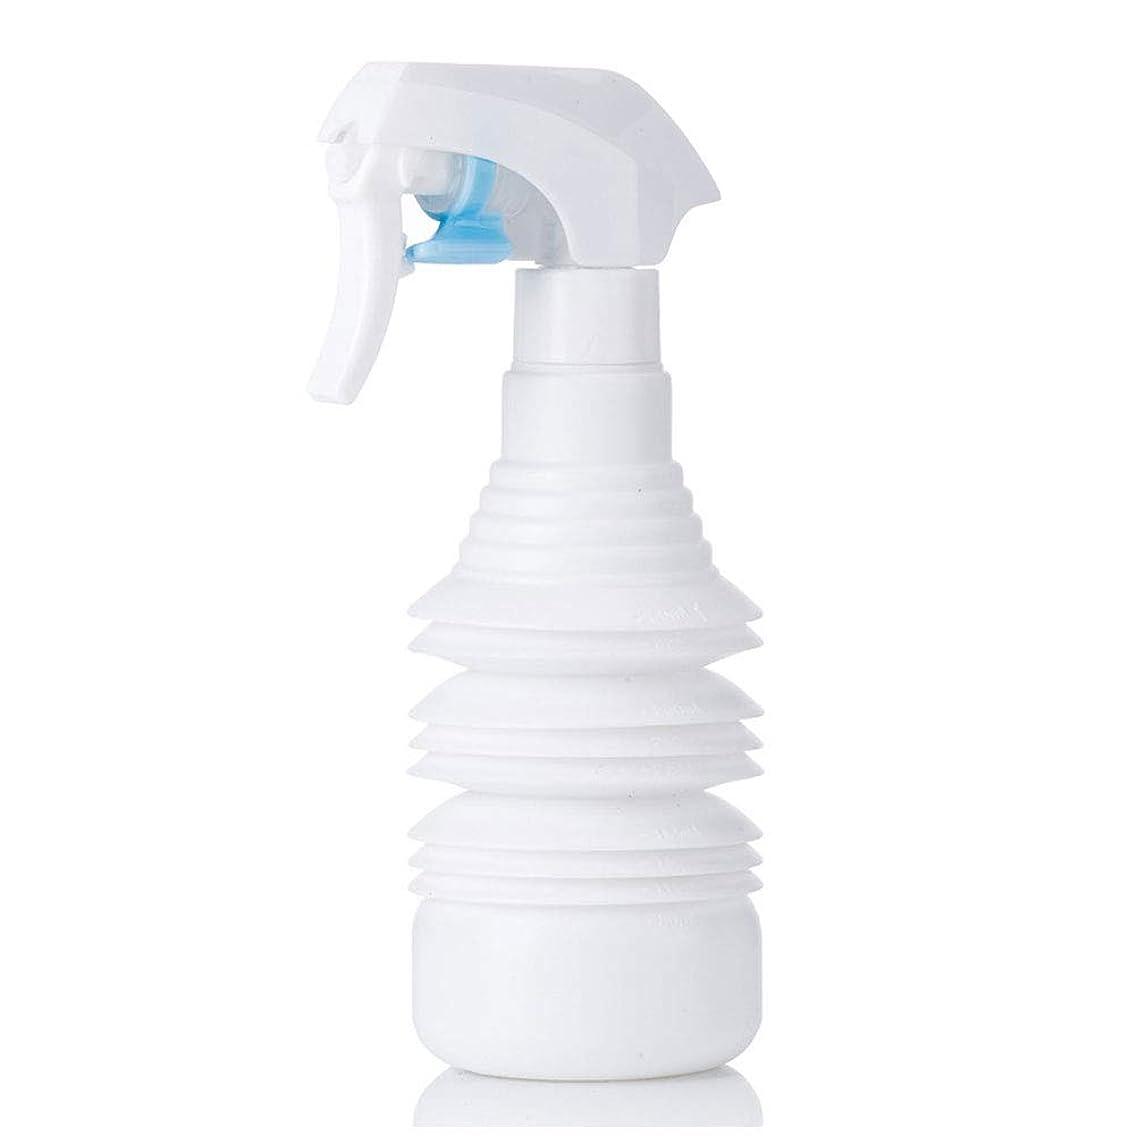 懺悔審判証明ヘアスタイリストヘアスプレー気化器用カーリーヘアスプレーボトルアトマイザー1100ml空スプレー用伸縮式超微細スプレーボトル-ブラック,白